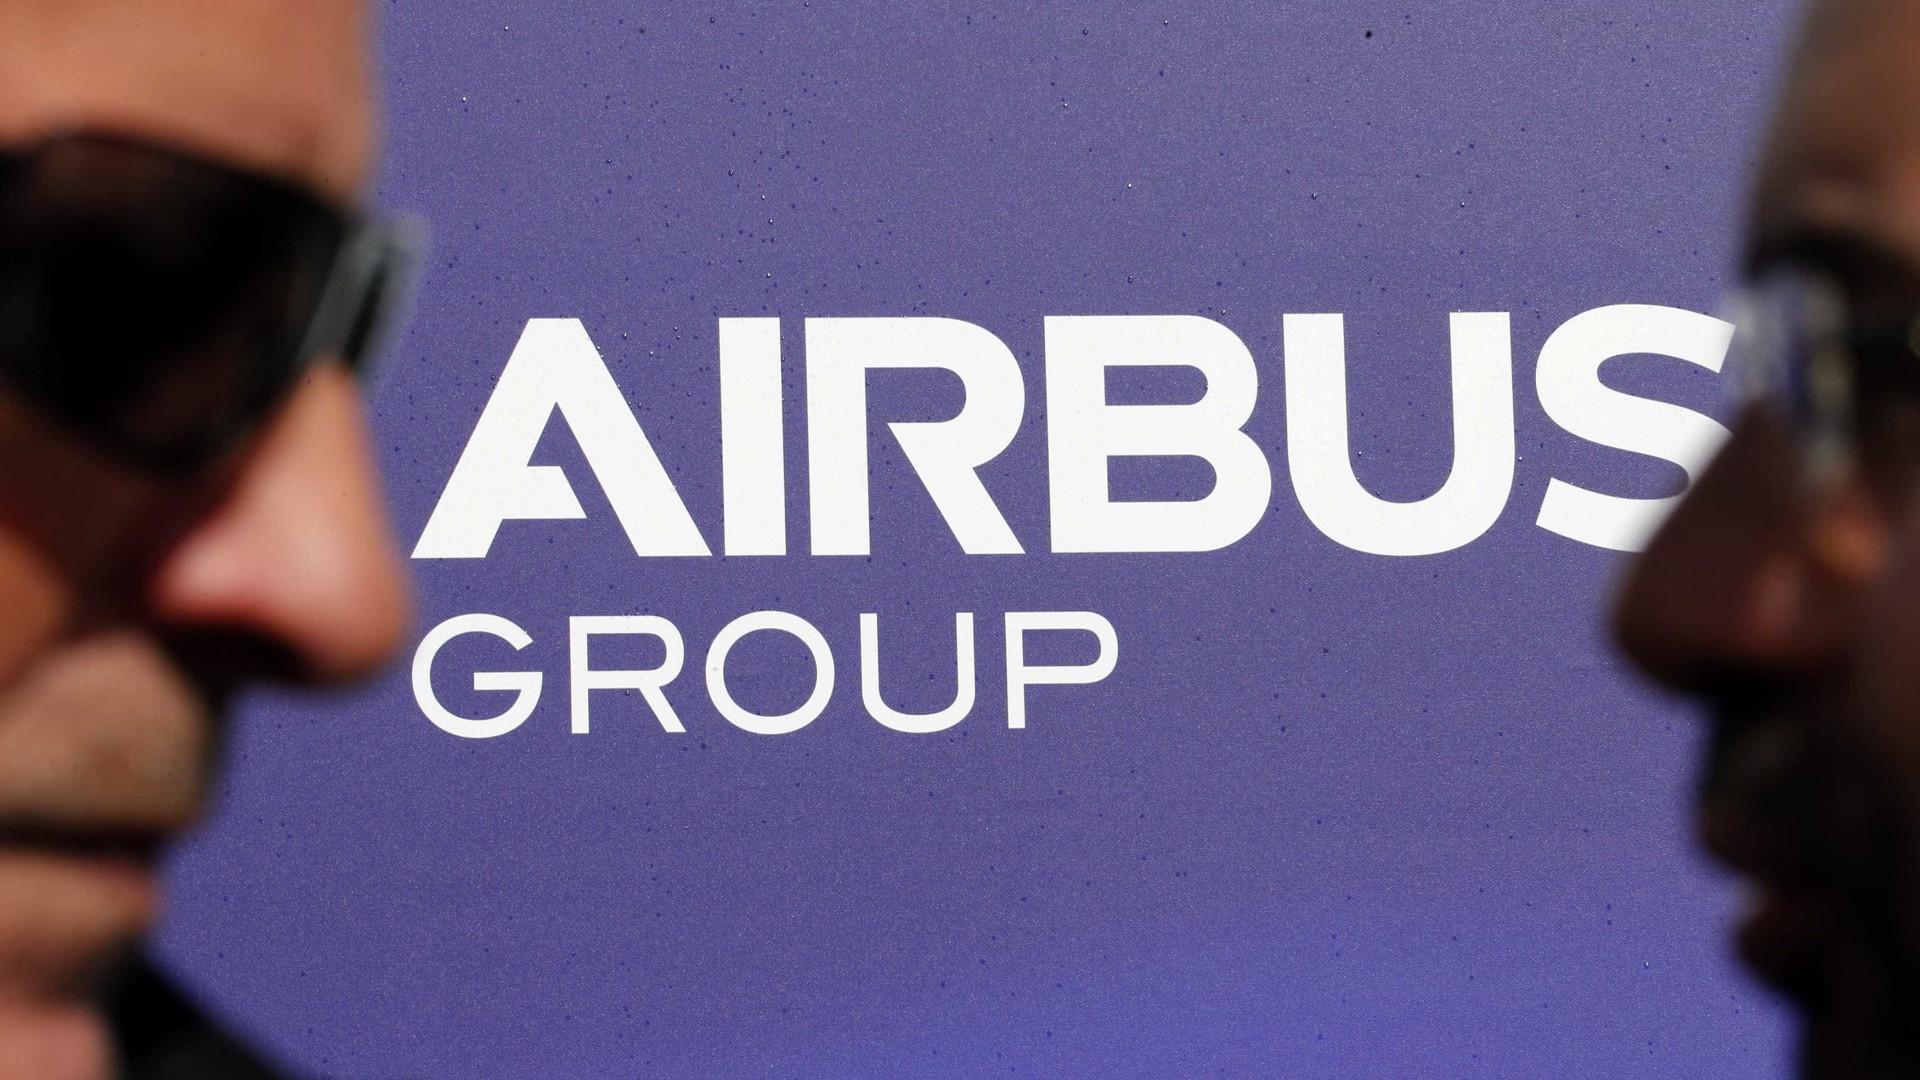 Grupo Airbus multado em 104 milhões de euros em litígio com Taiwan